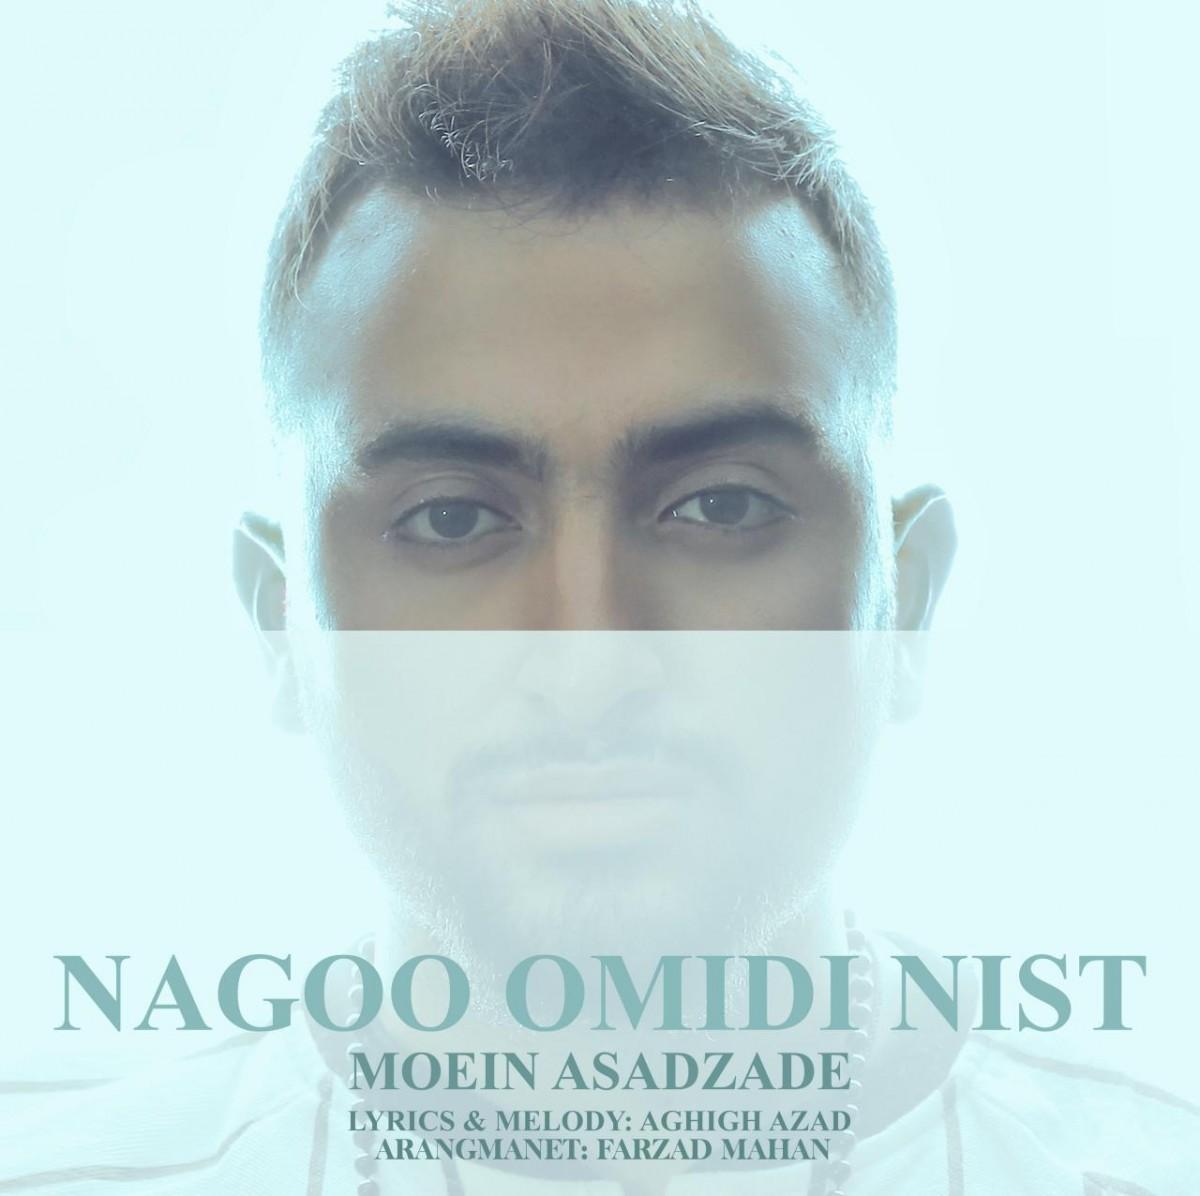 نامبر وان موزیک | دانلود آهنگ جدید Moein-Asadzadeh-Nagoo-Omidi-Nist